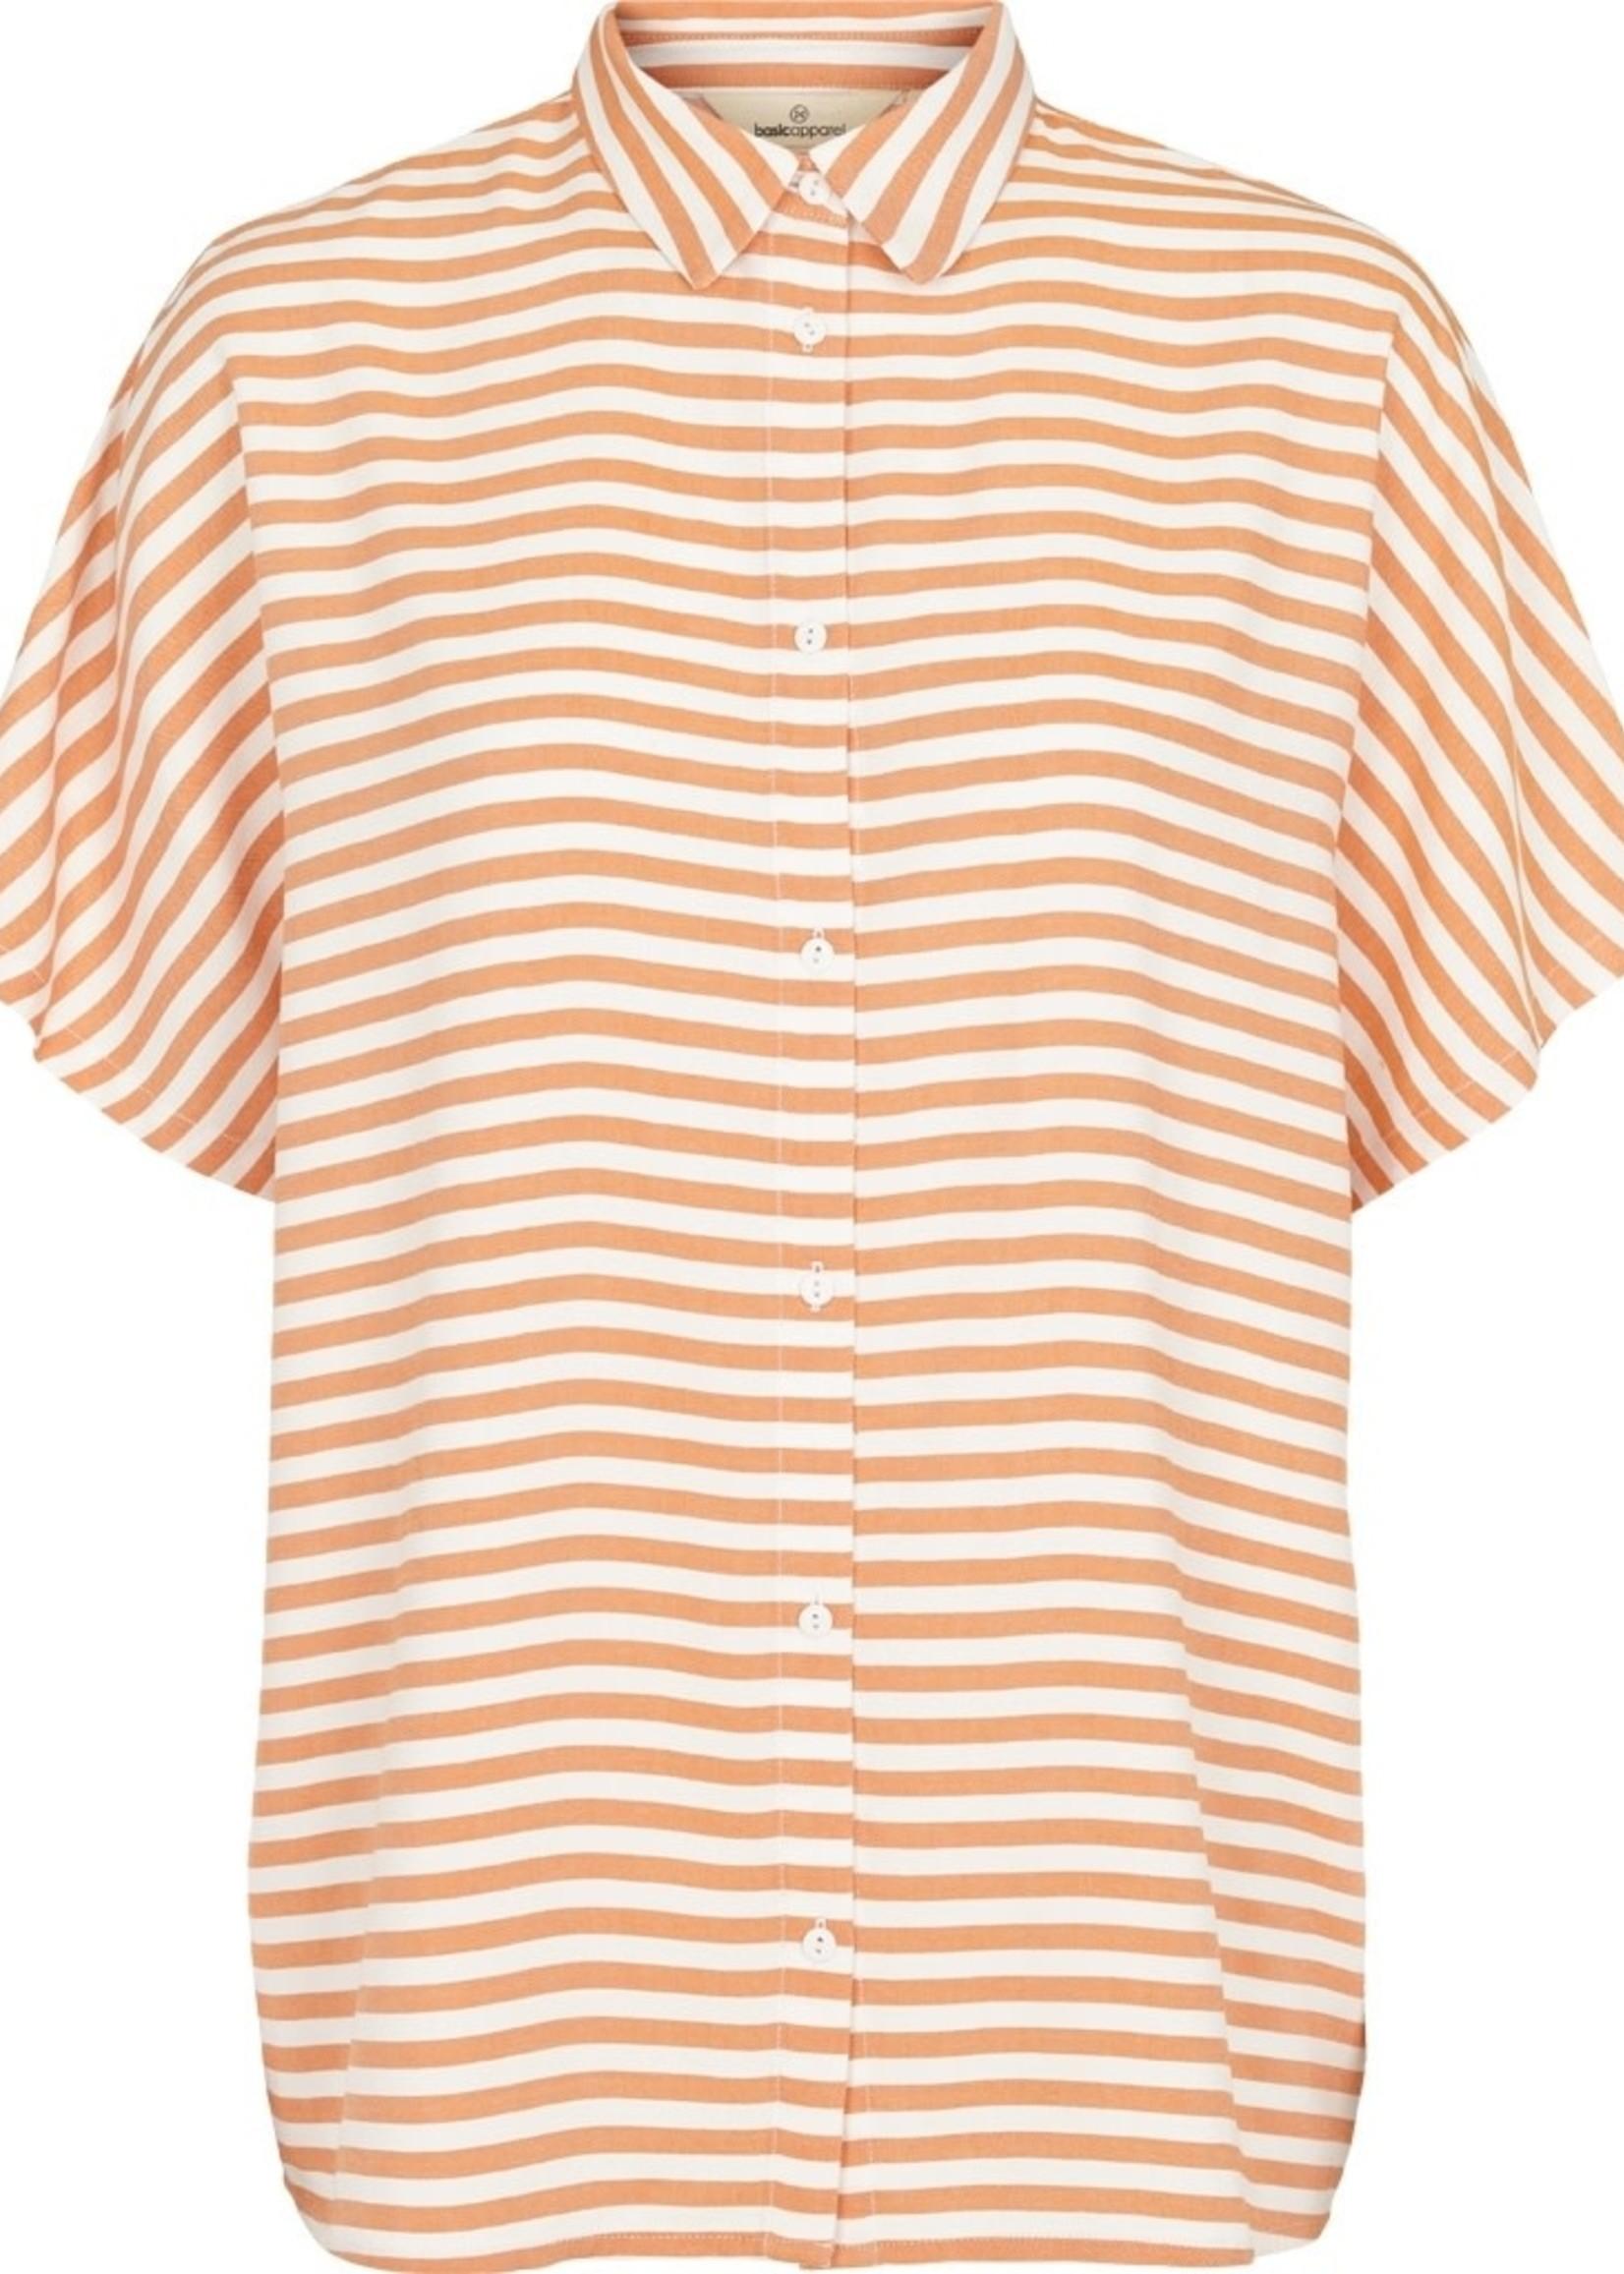 Basic Apparel Jenice Shirt